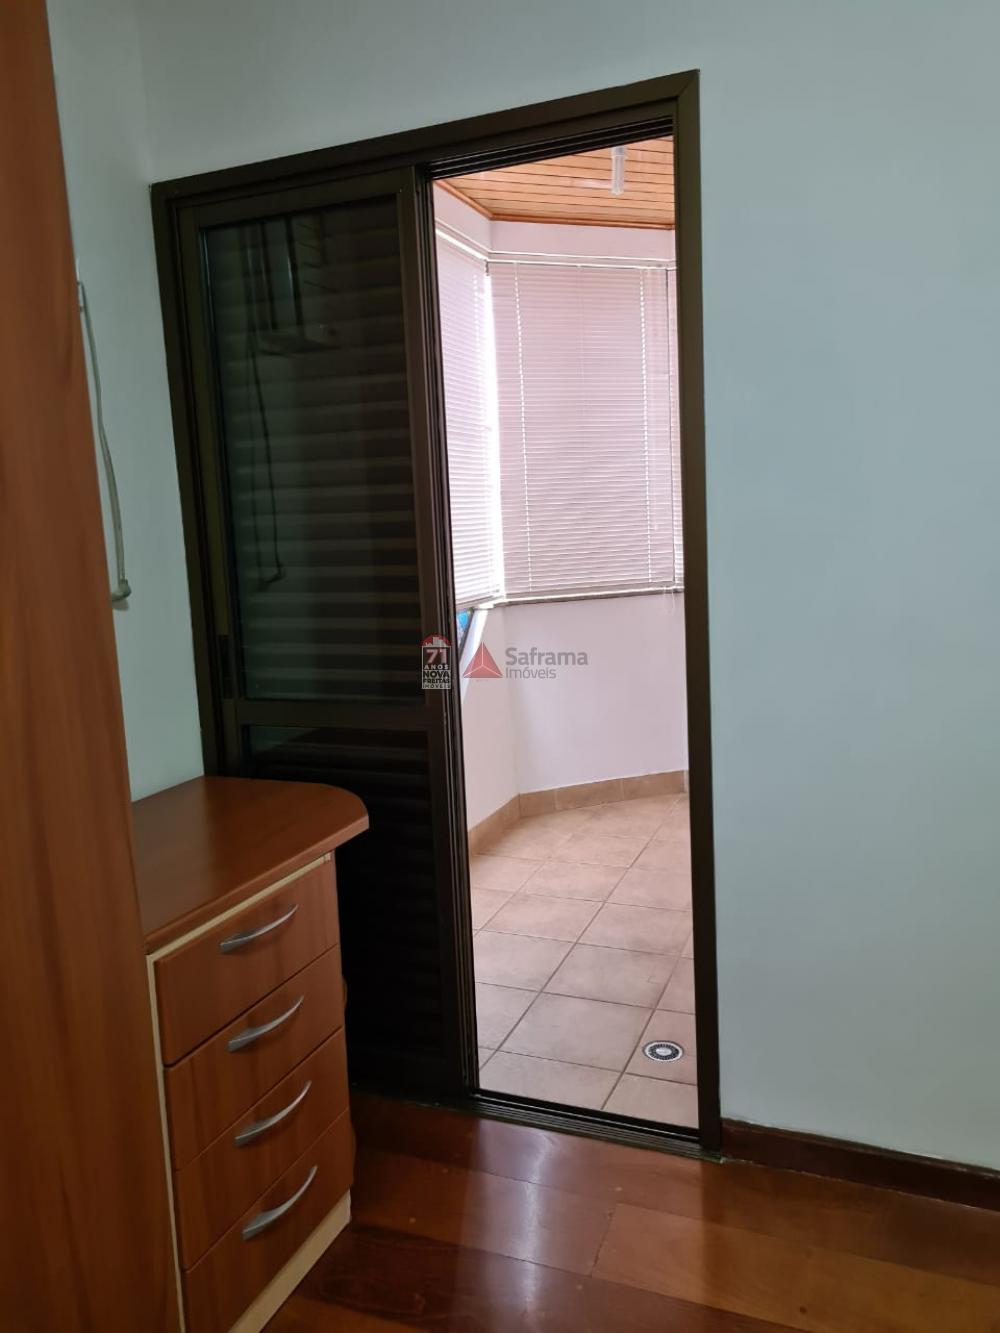 Comprar Apartamento / Padrão em Pindamonhangaba apenas R$ 430.000,00 - Foto 14